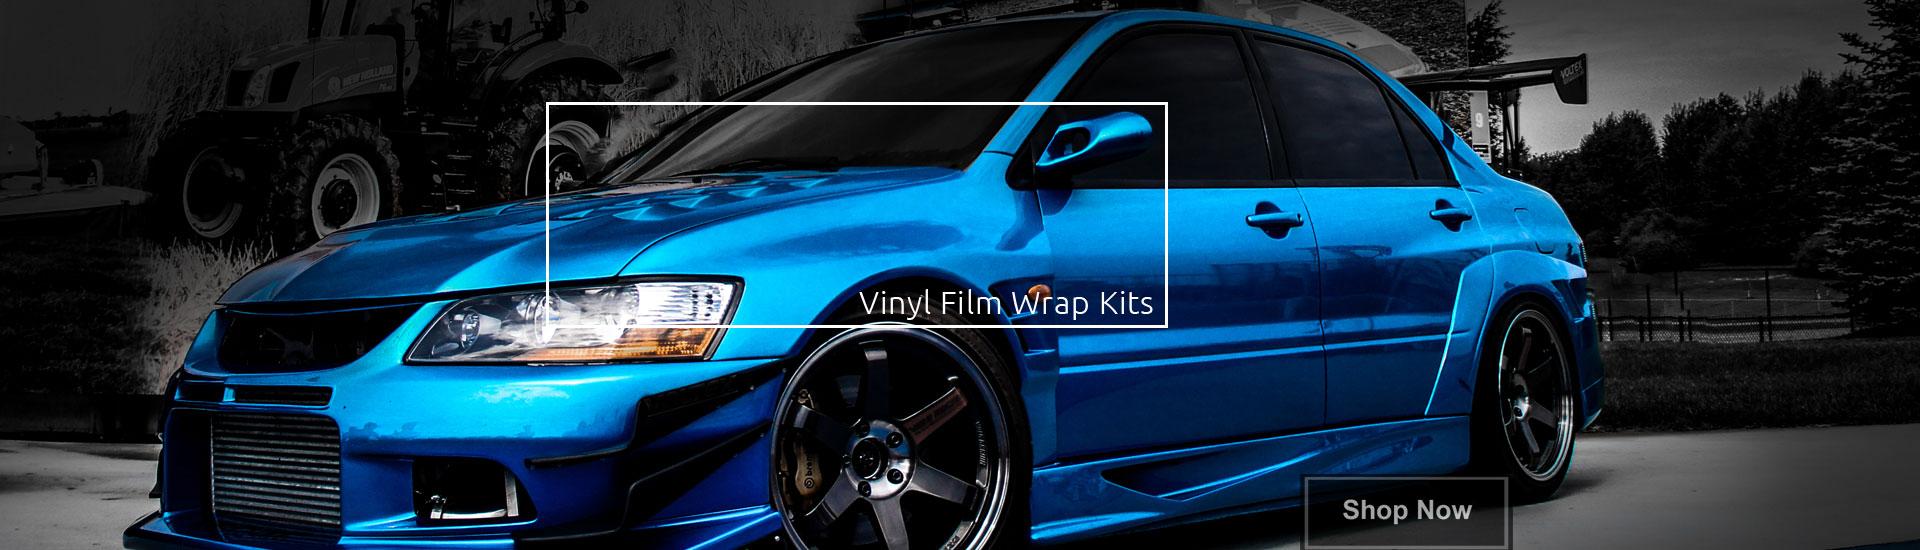 Vinyl Wrap Kits